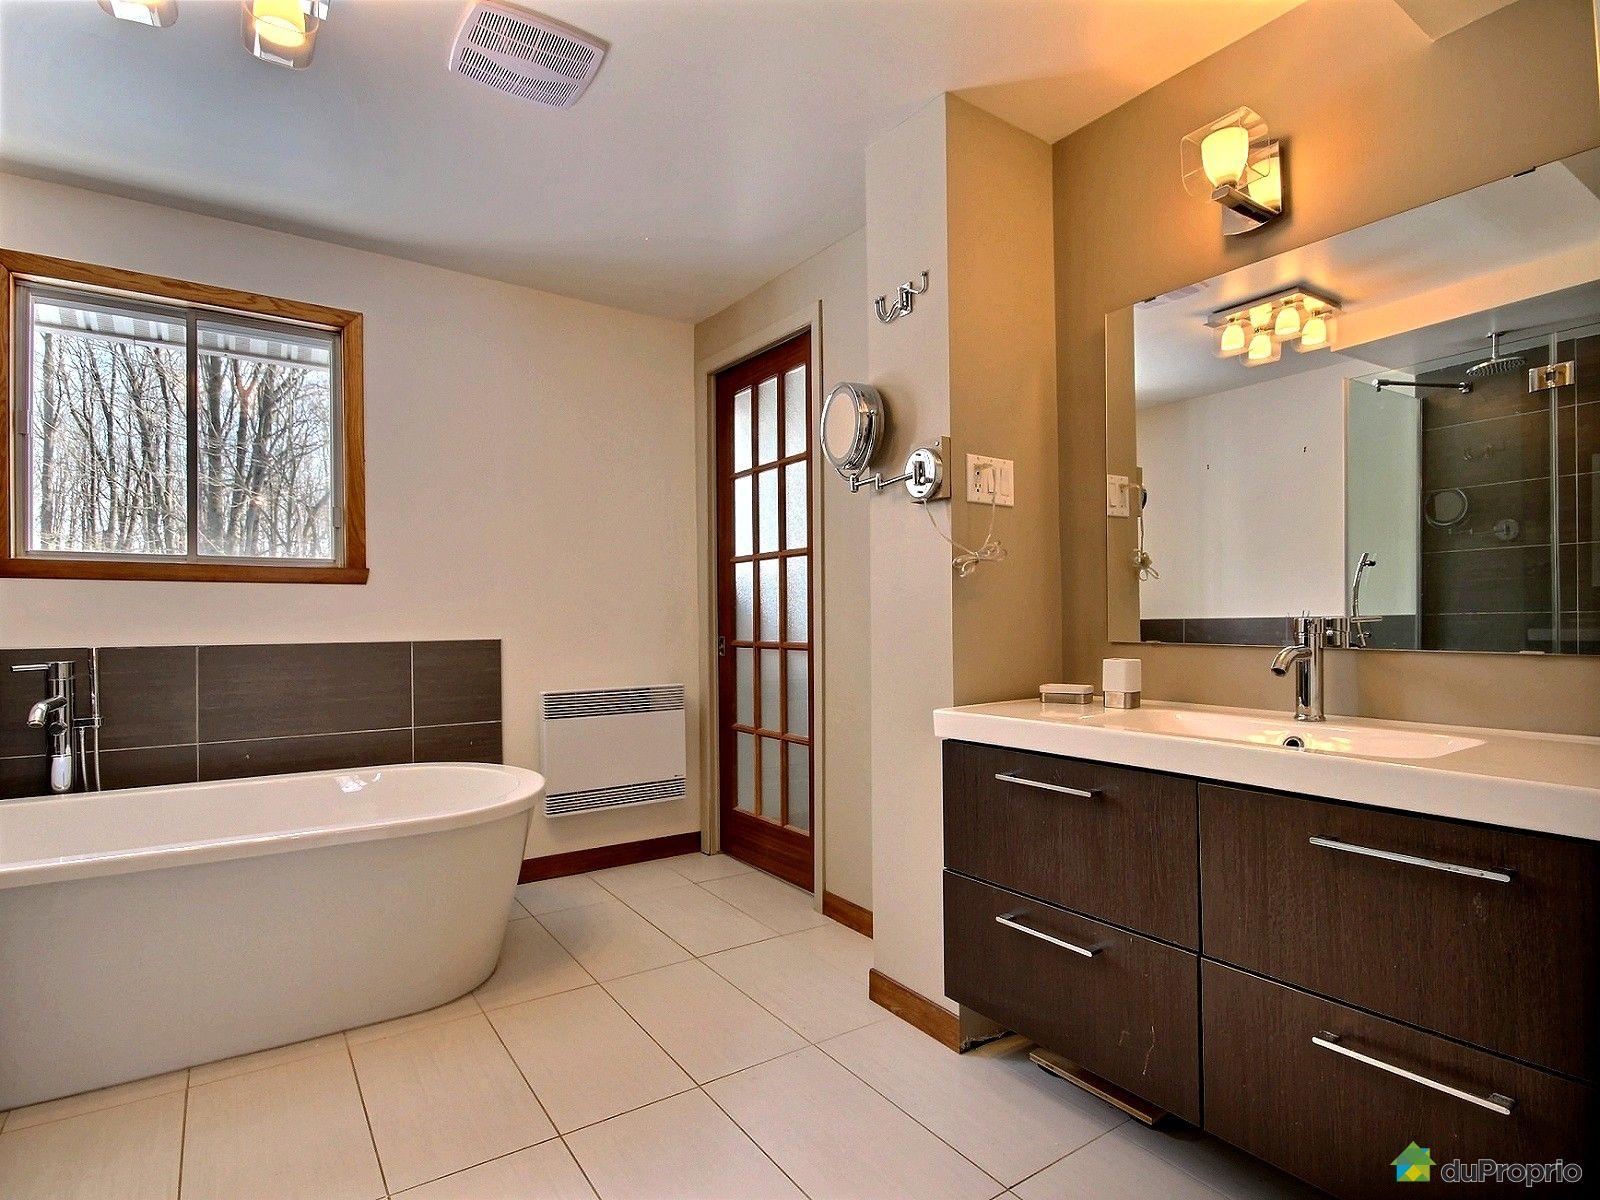 Maison vendre st urbain premier 126 mont e grande ligne for Salle de bain urbaine